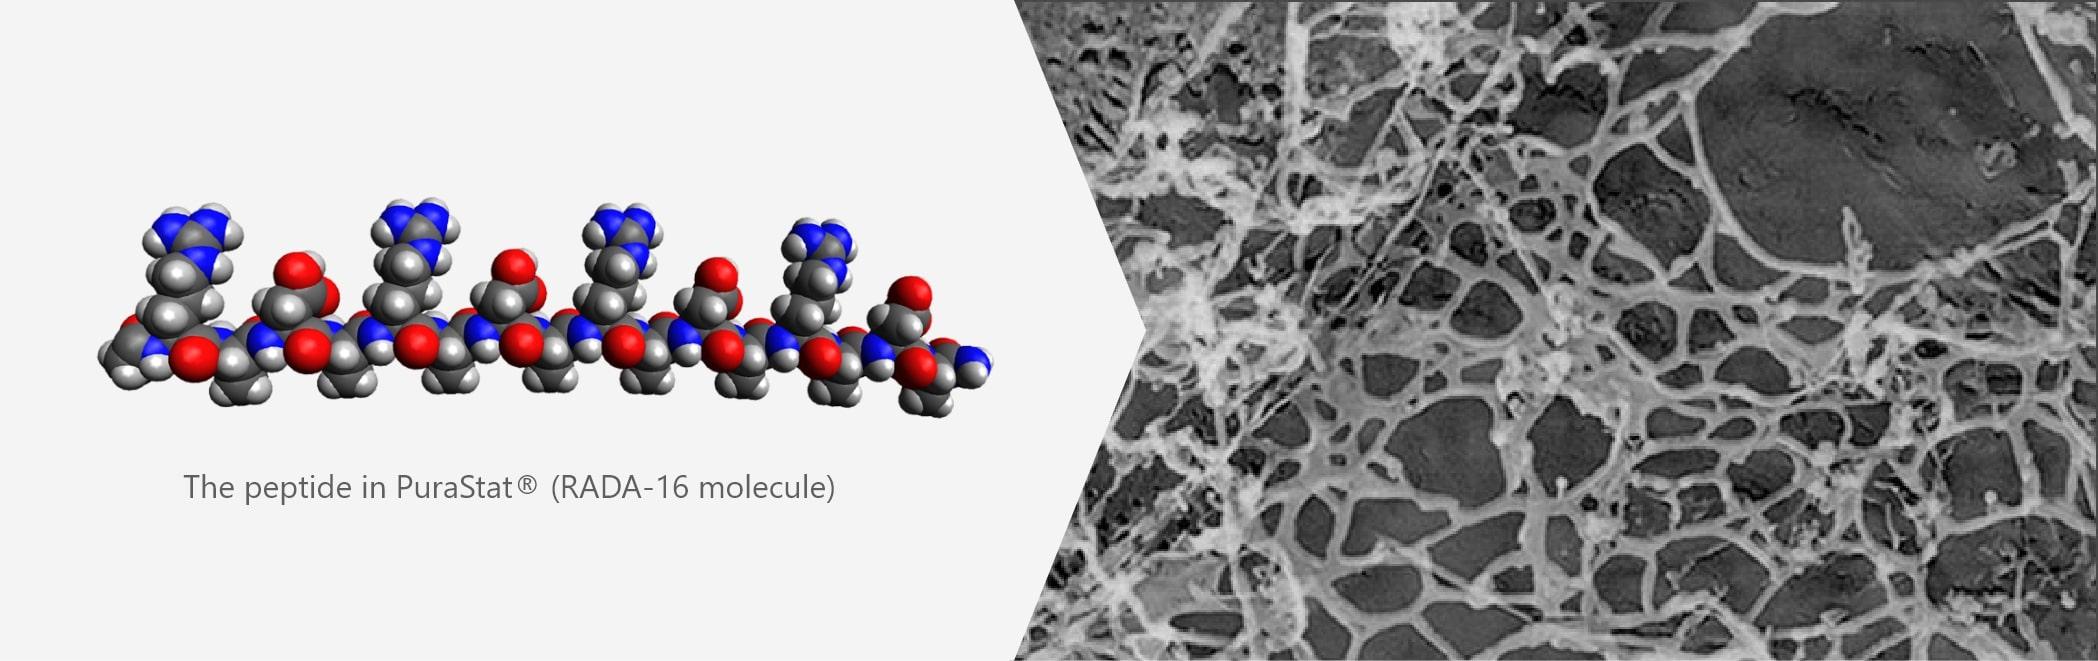 the peptide in PuraStat